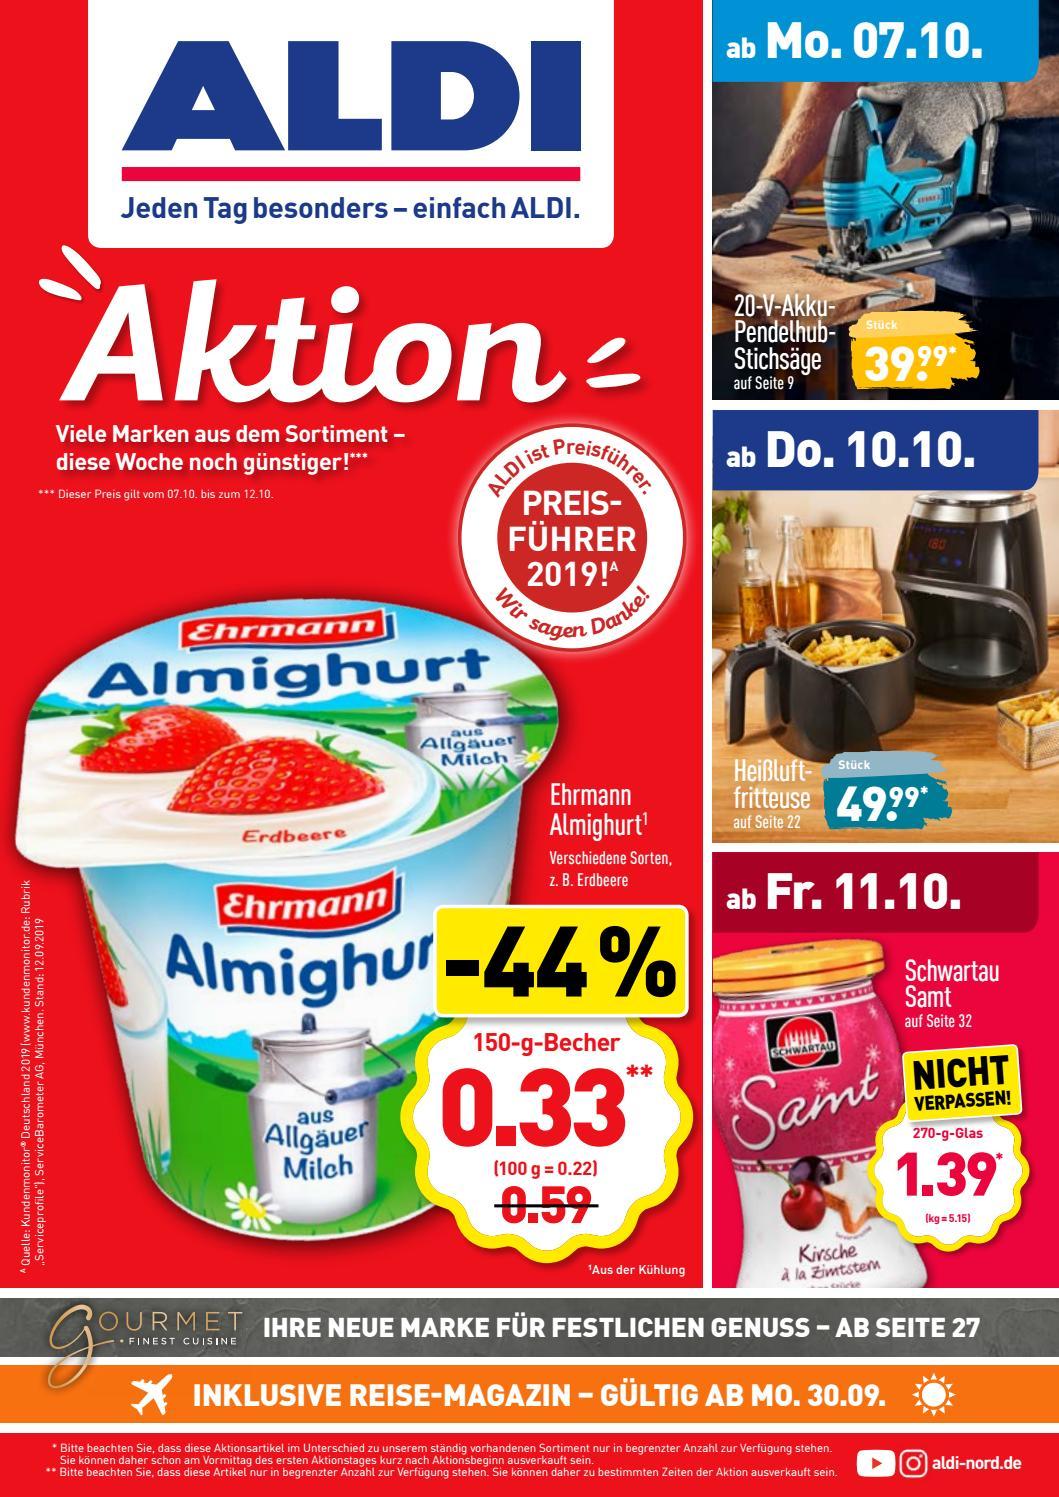 Full Size of Küchenläufer Aldi Prospekt Von Vom 06102019 By Kps Verlagsgesellschaft Mbh Relaxsessel Garten Wohnzimmer Küchenläufer Aldi